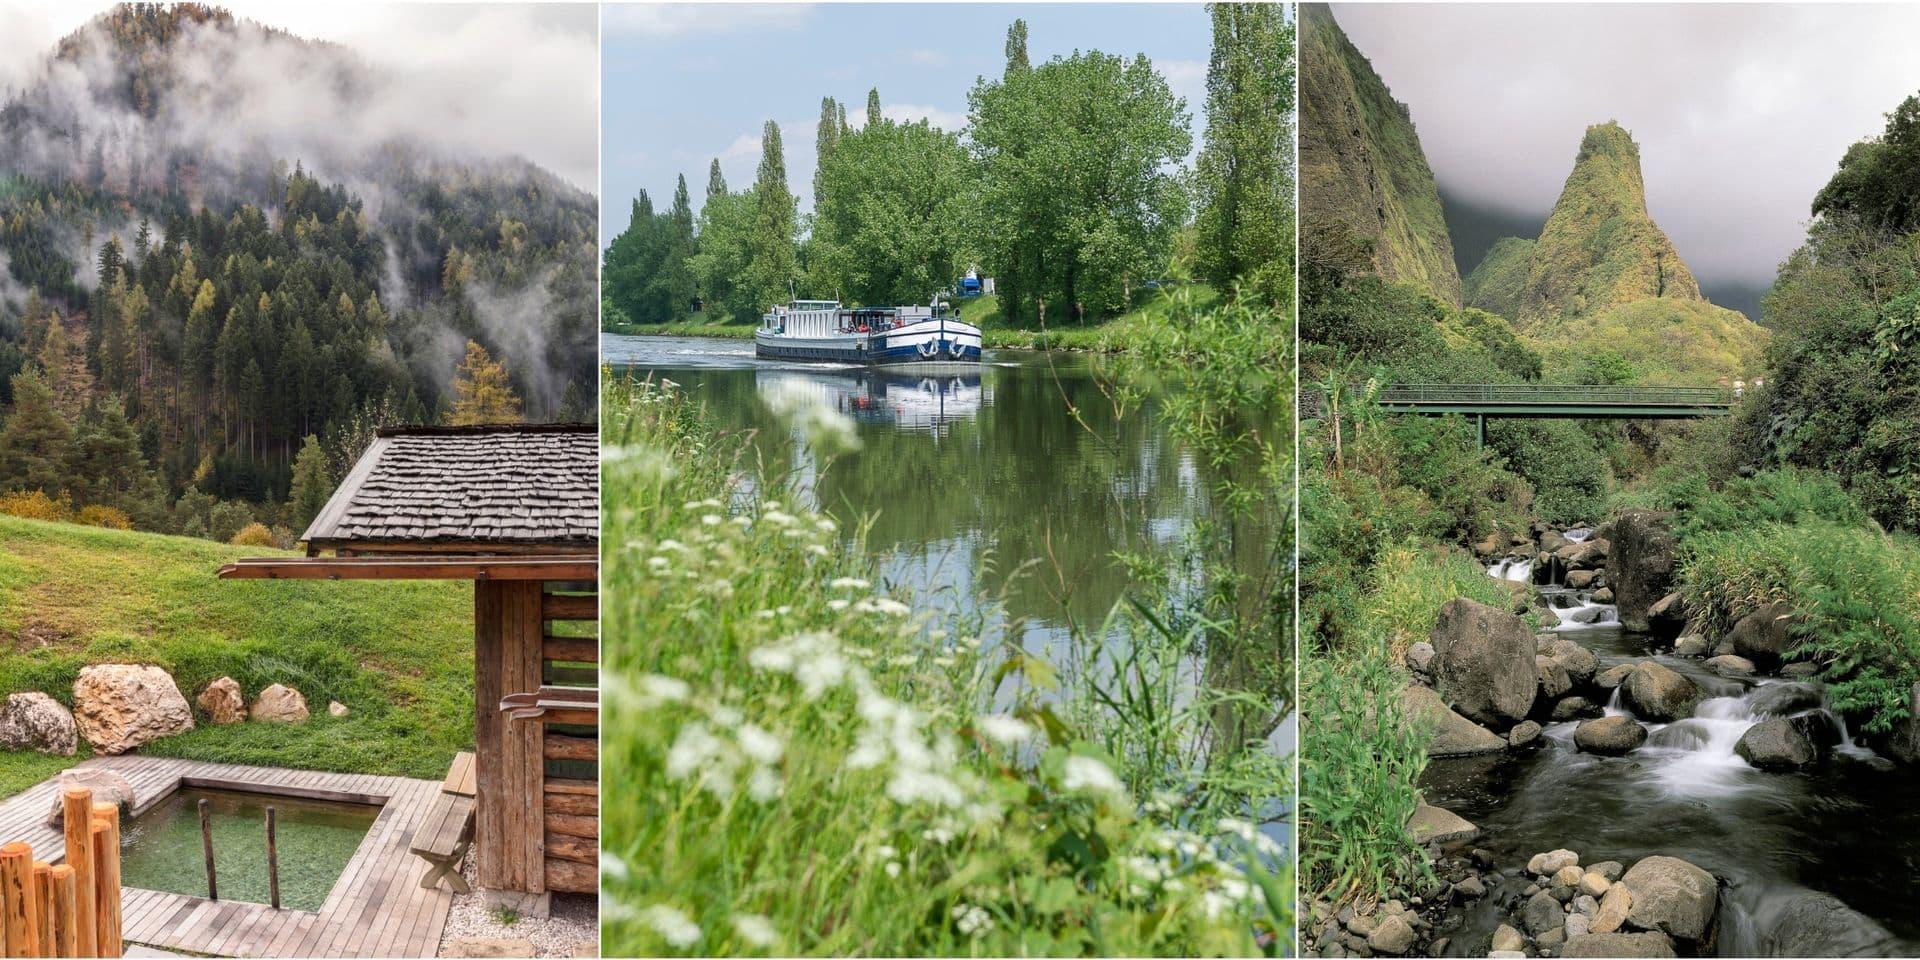 19 villes belges qui vont vous faire sentir bien plus loin que vous ne le pensez